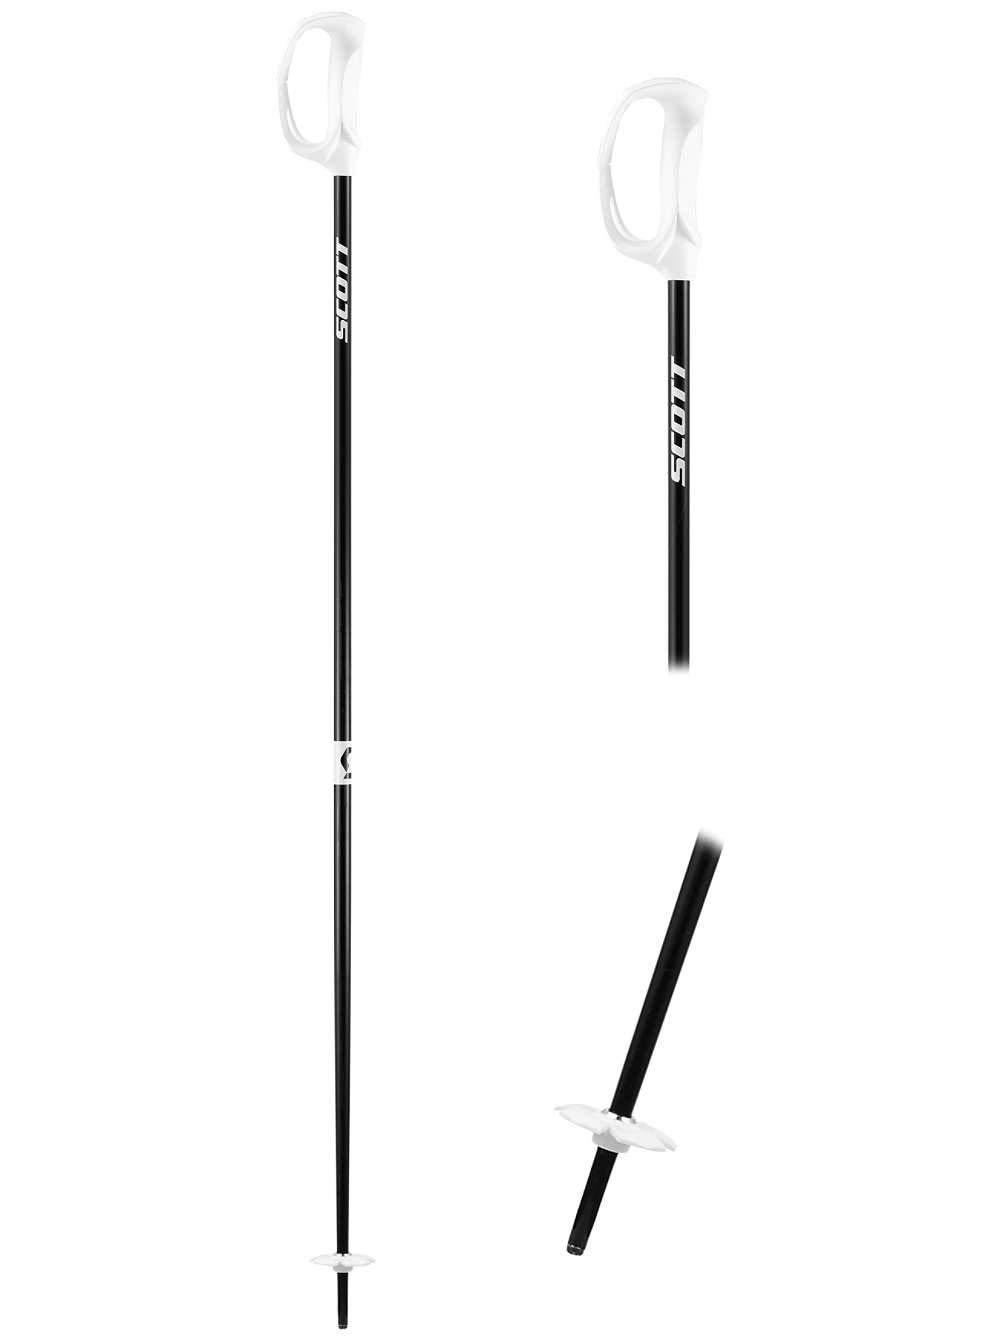 Scott Damen Skistock Strapless S Evo 110 SkistöCke